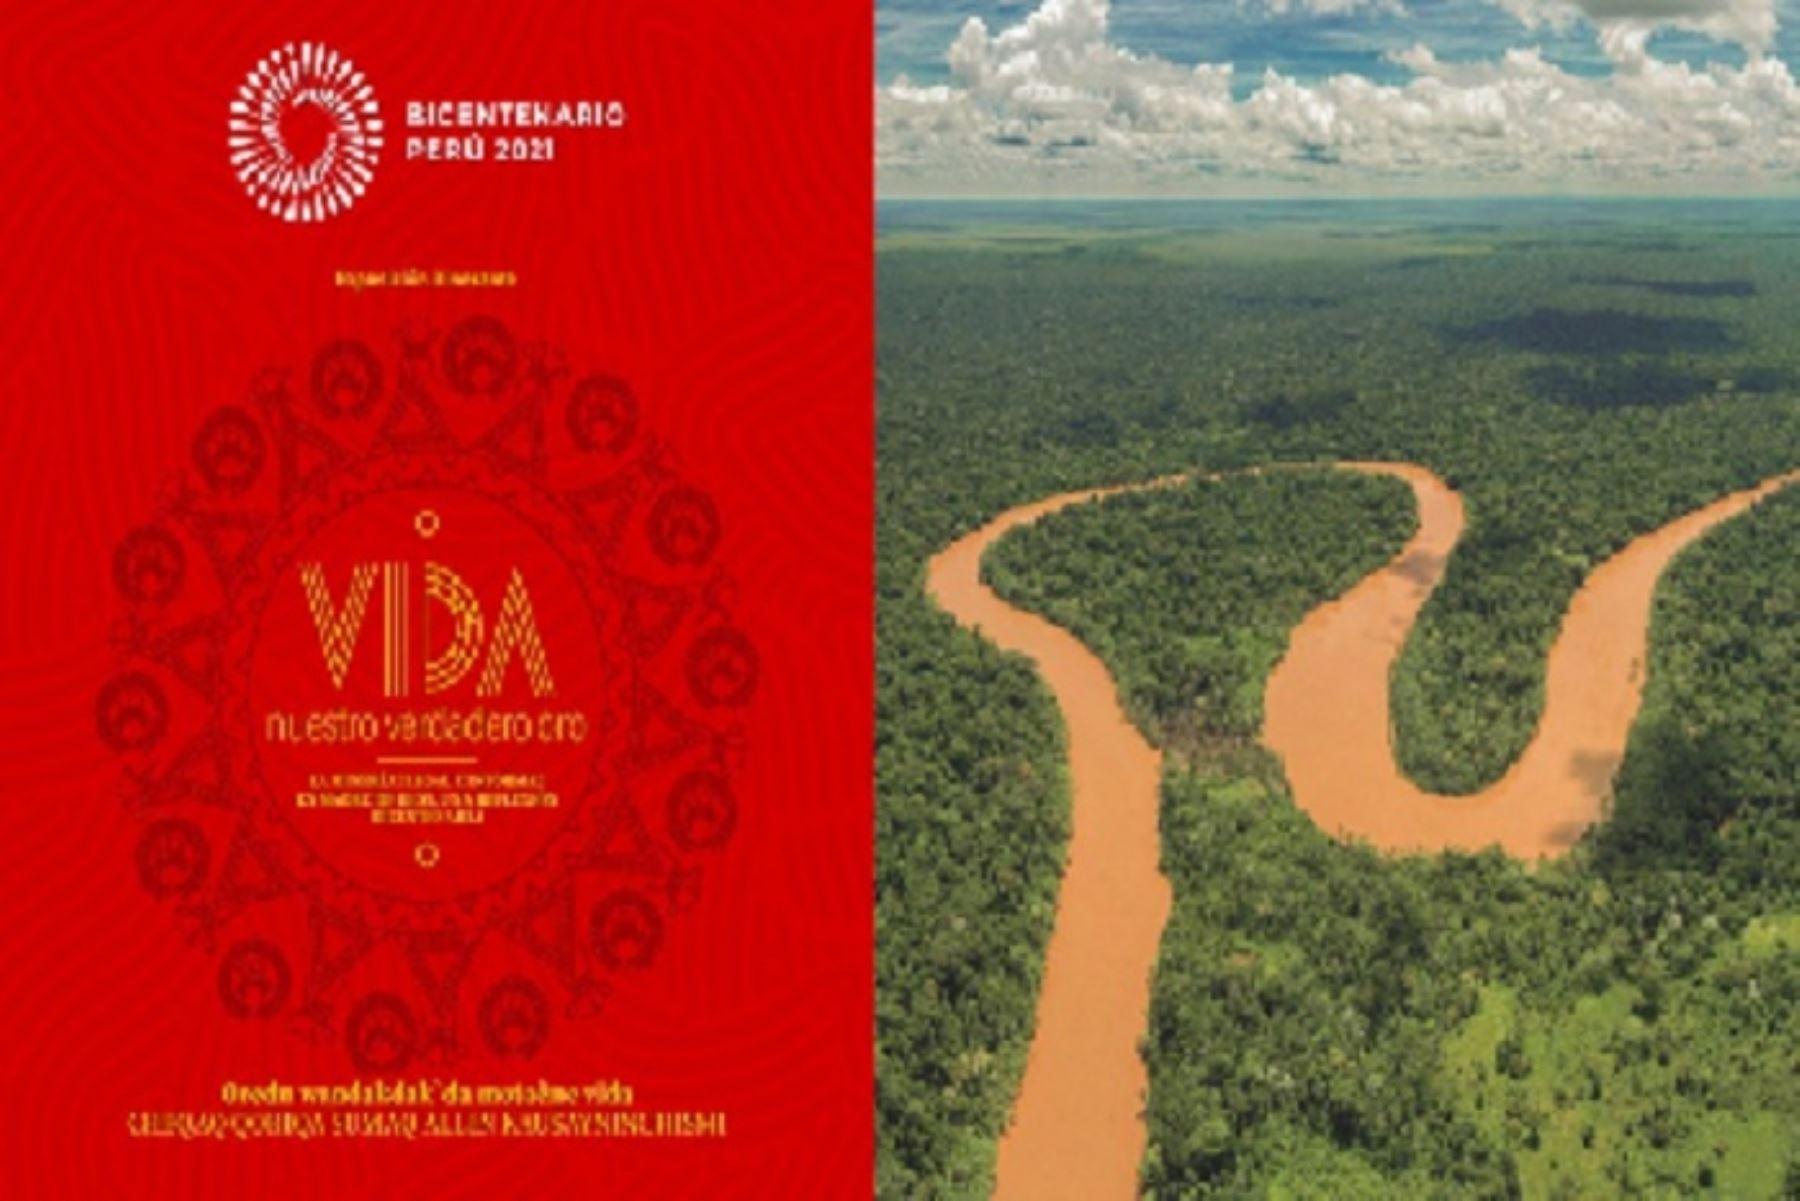 La minería ilegal e informal en Madre de Dios no solo deteriora el territorio y los recursos naturales, también afecta directamente la salud y el desarrollo de las comunidades amazónicas, ocasiona violencia e injustica ambiental.